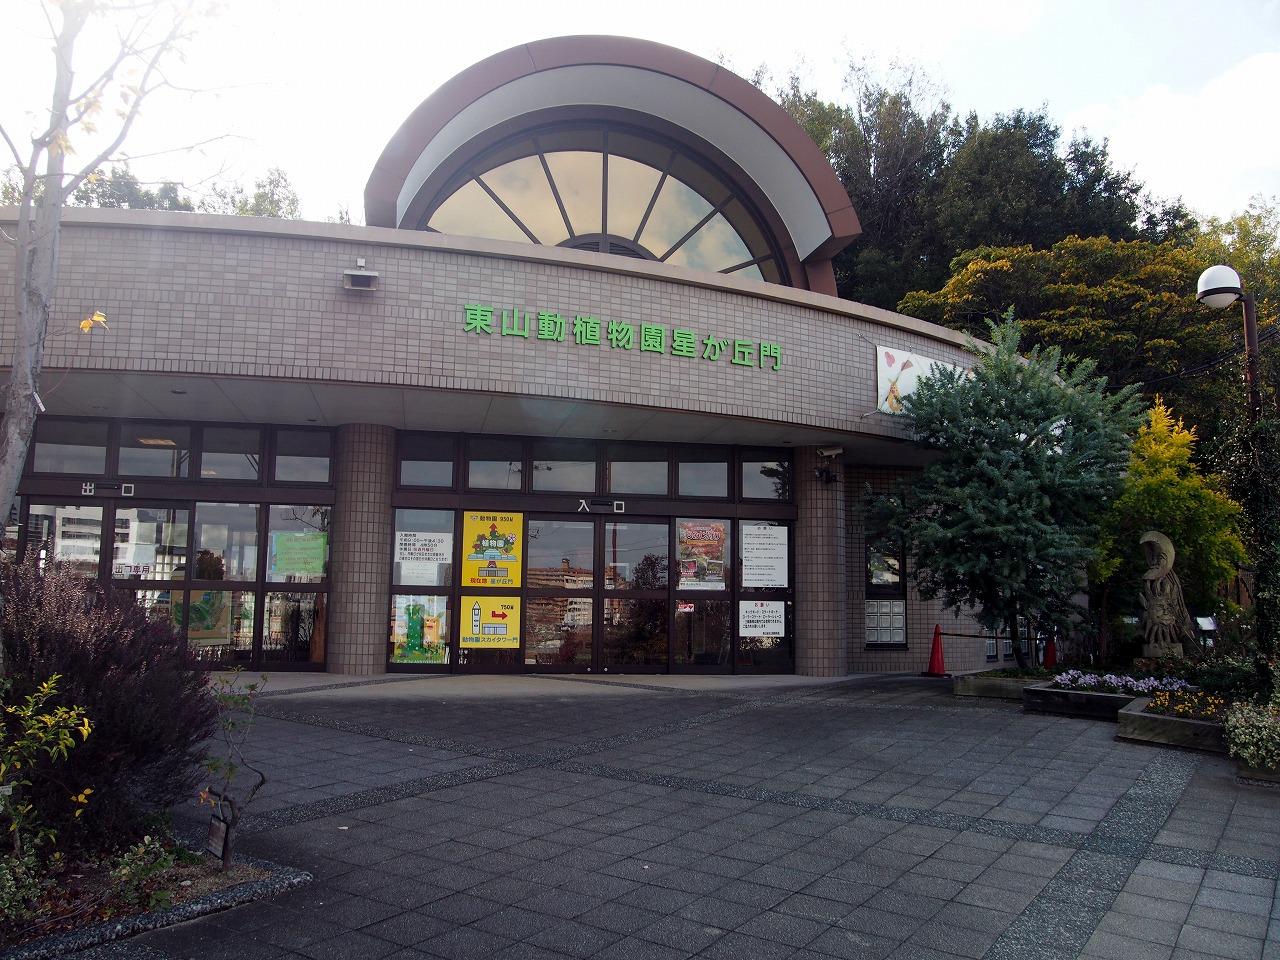 BotanicalGarden01_Entrance_20141115.jpg